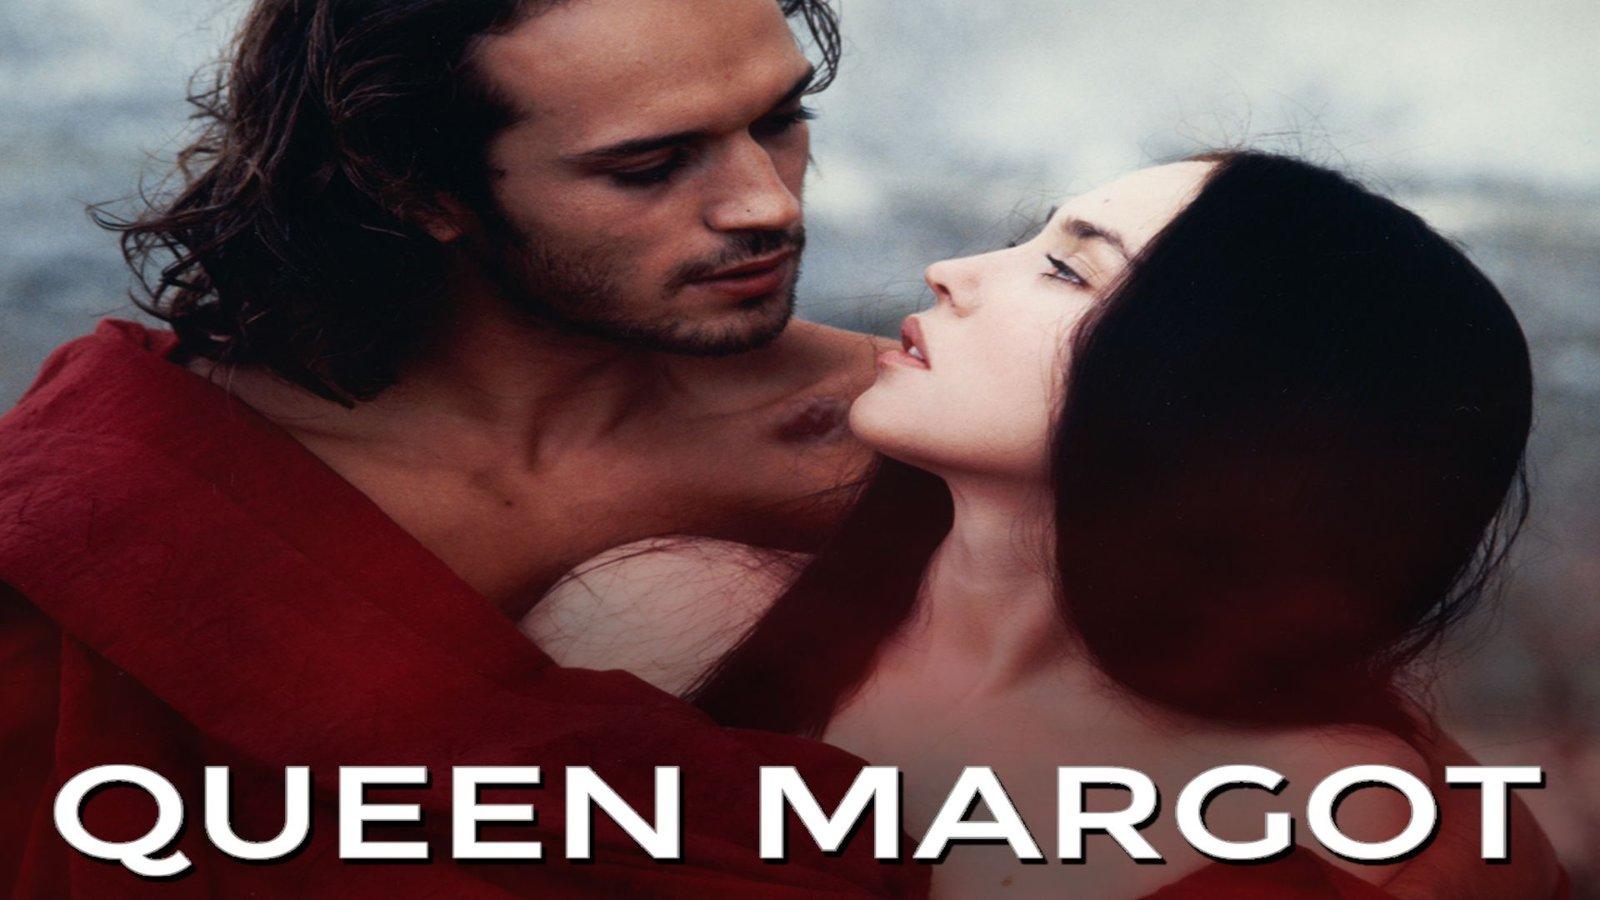 Queen Margot - La reine Margot